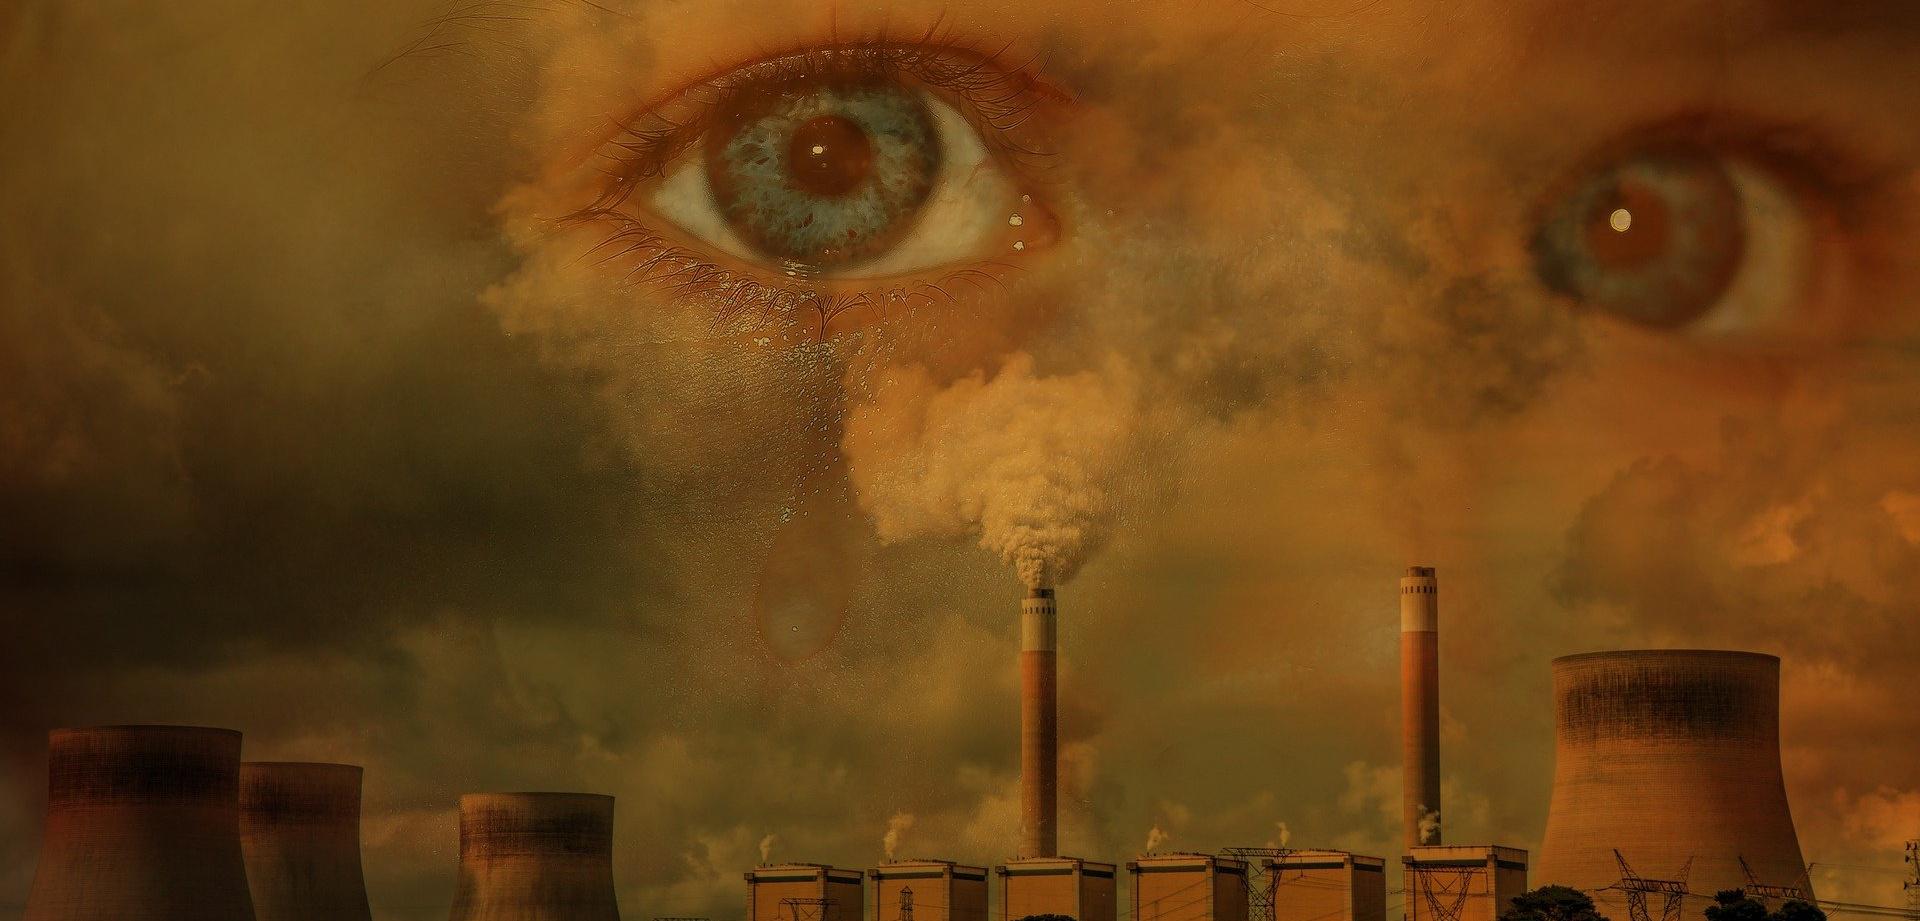 Los políticos hablan en la cumbre climática, Linkener actúa a favor del medioambiente